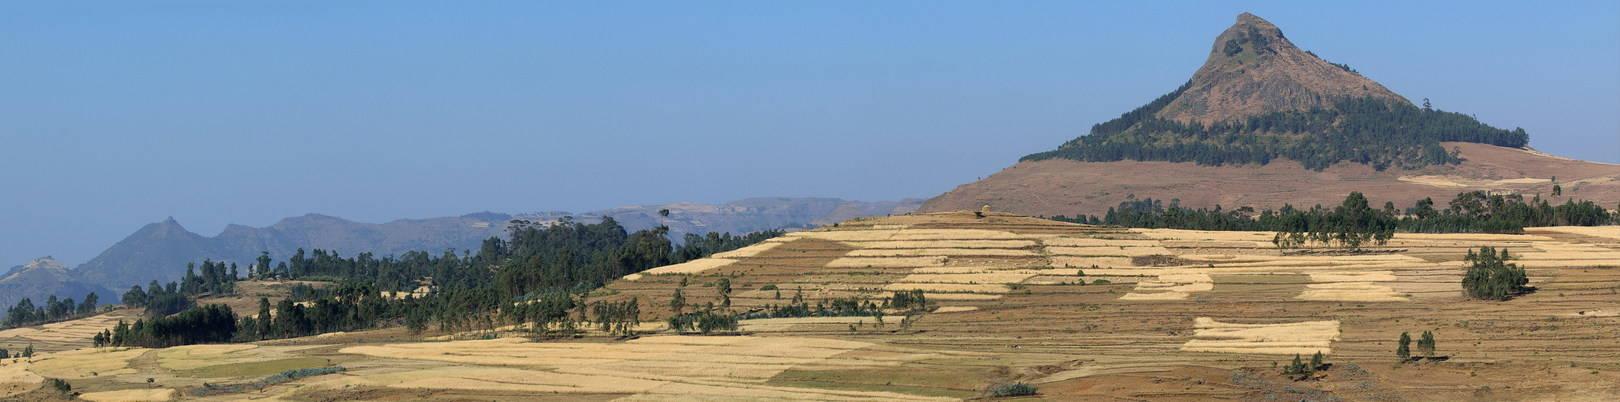 Что вы знаете об Эфиопии?